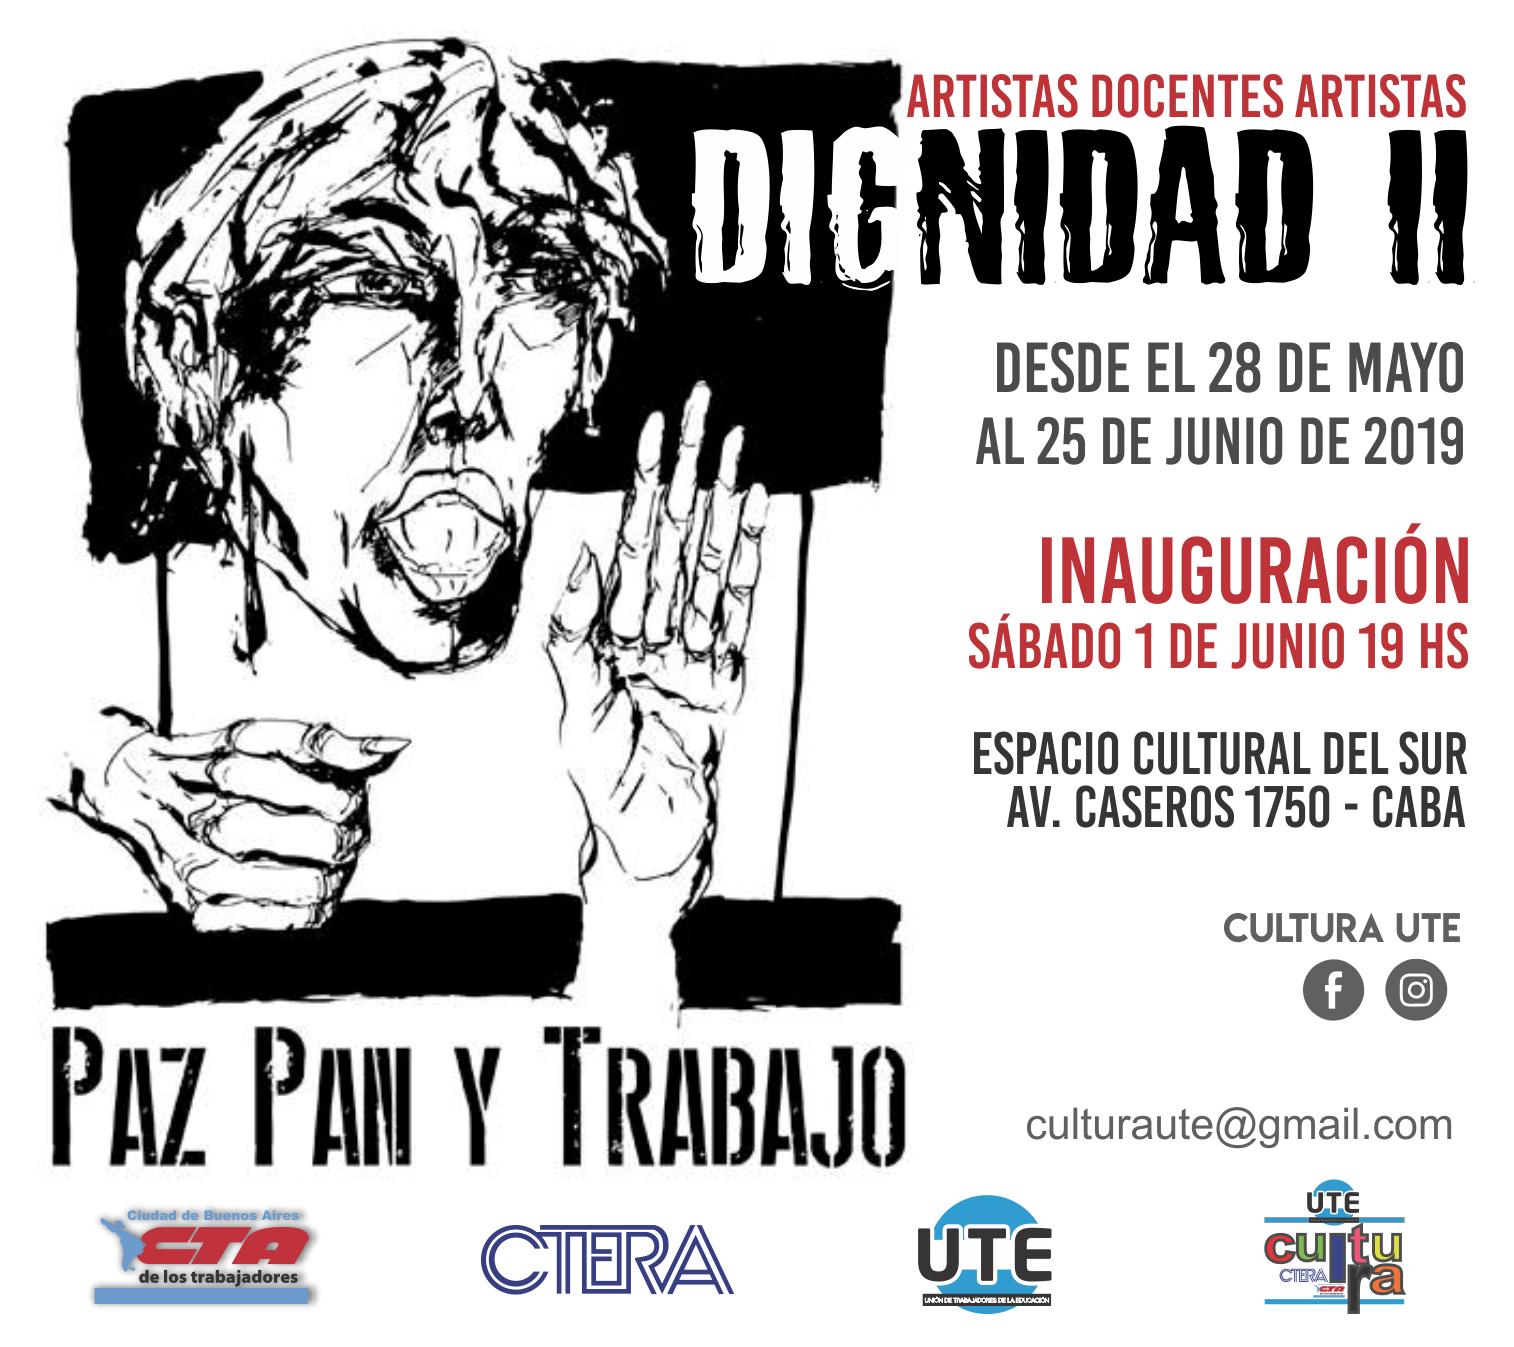 DIGNIDAD II - Muestra de artistas visuales docentes - Del 28 de Mayo al 25 de Junio